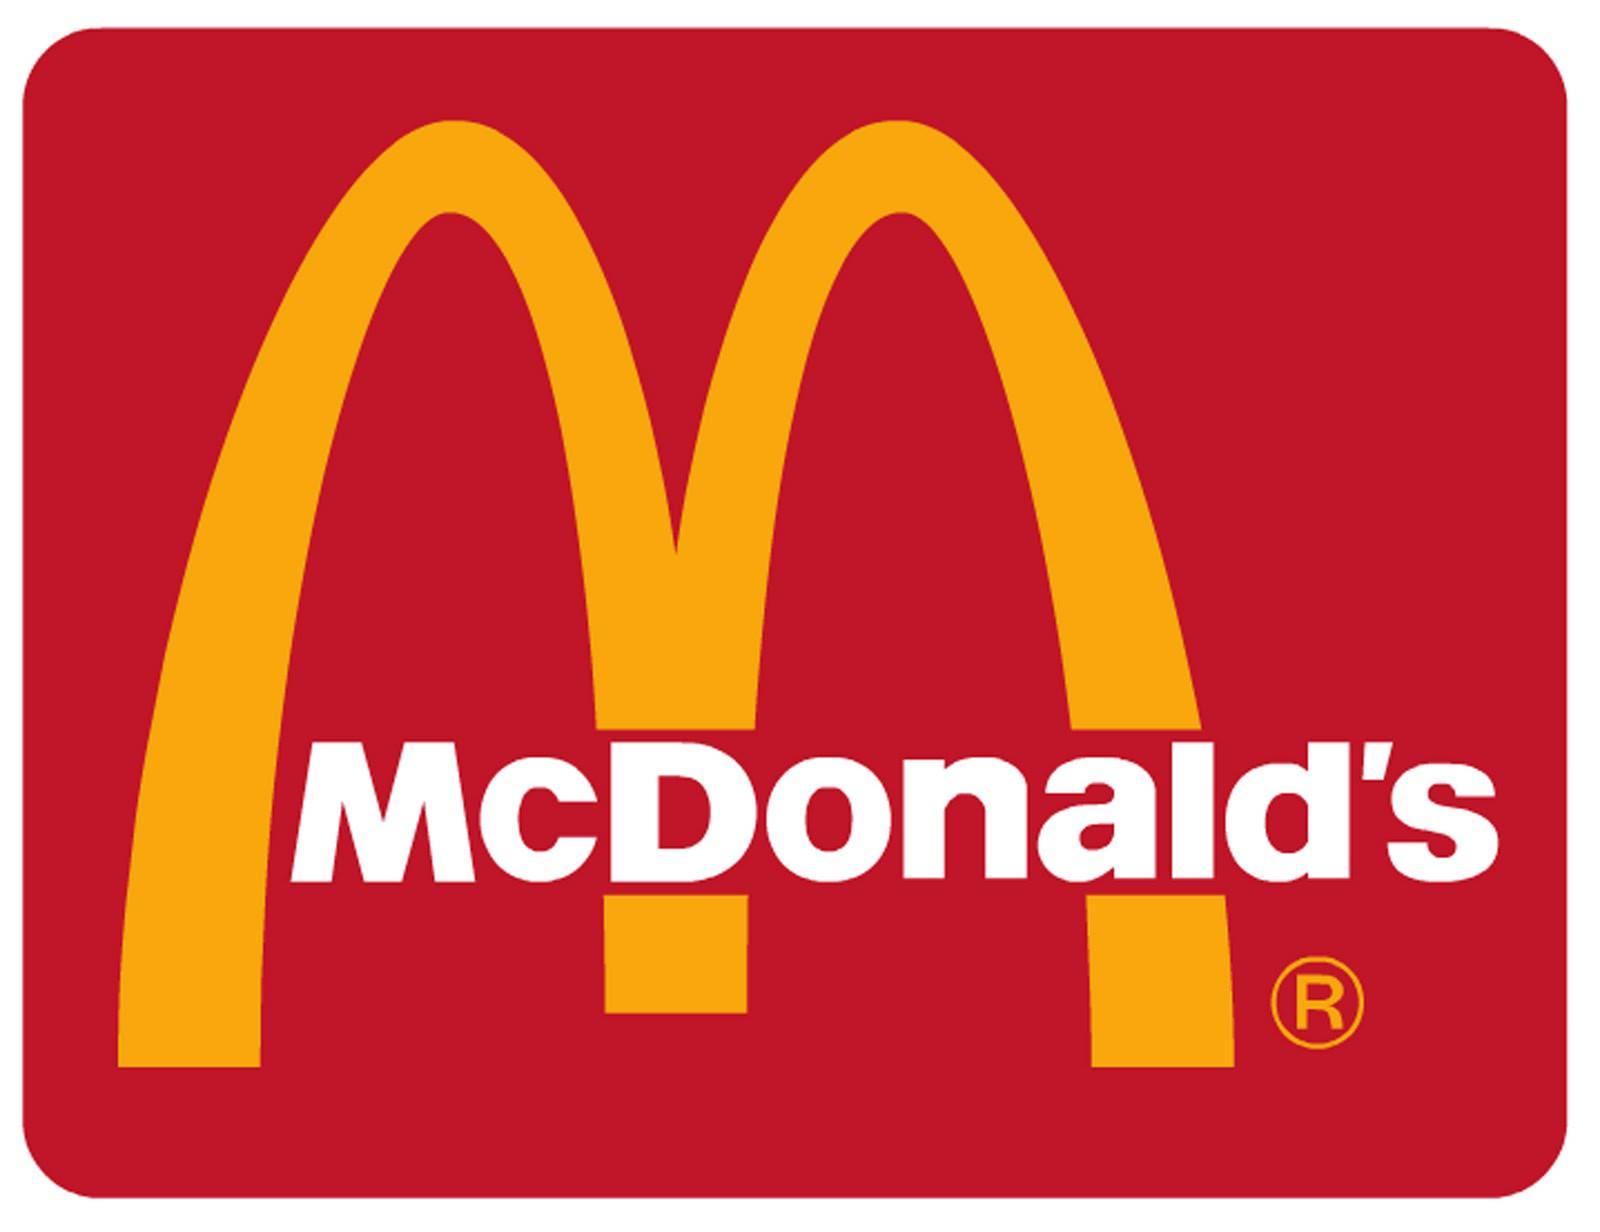 Macユーザはマクドナルドをなんと略すべきなのか?